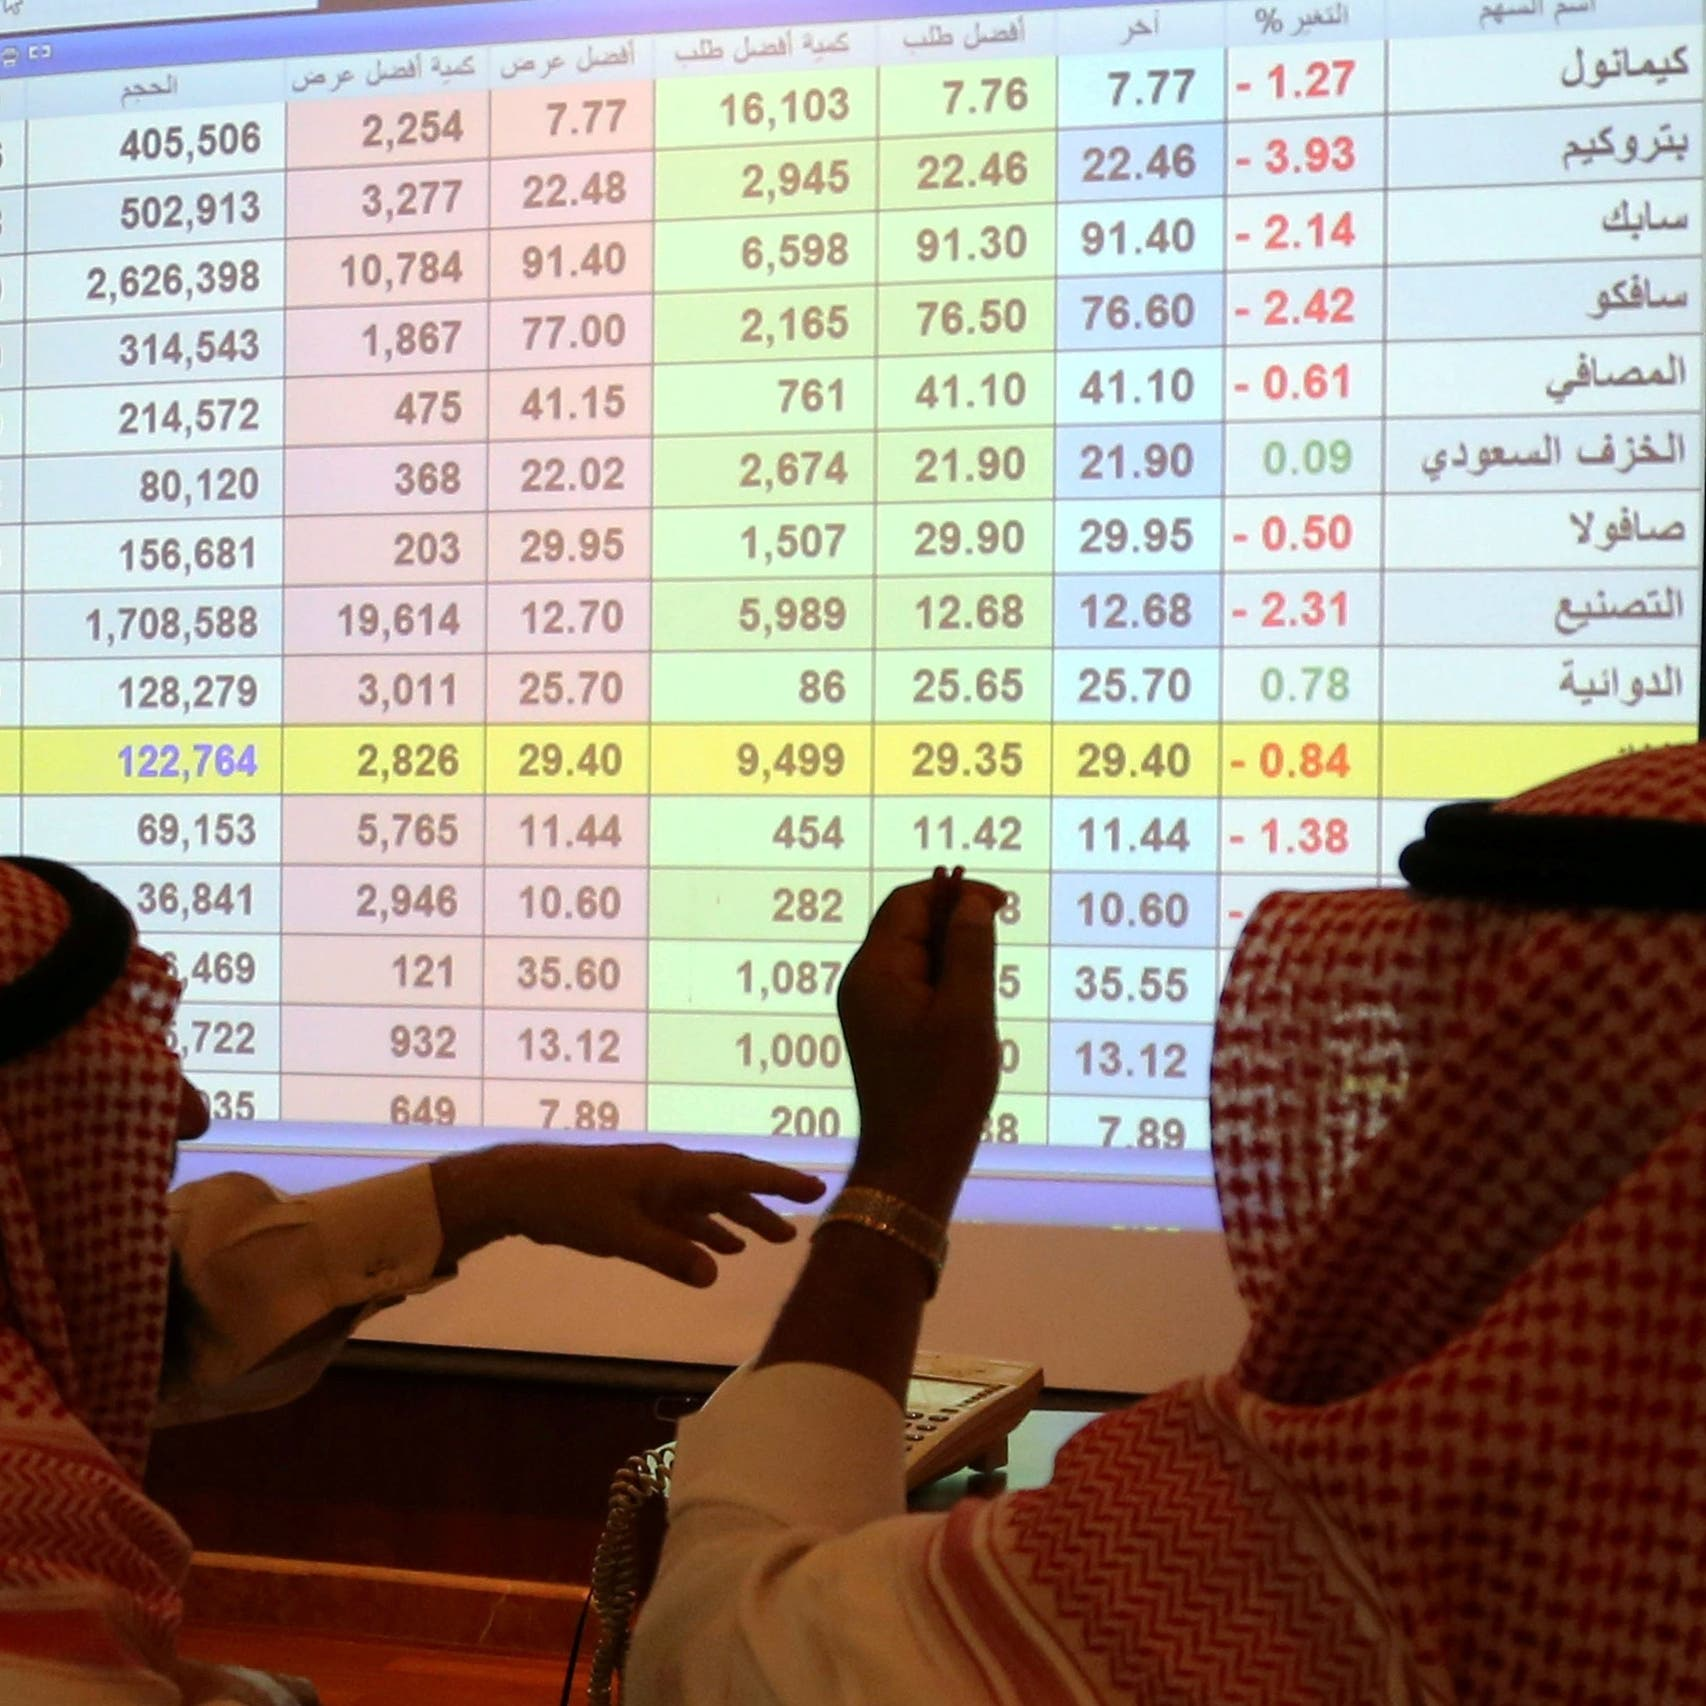 تسهيلات متاحة تفوق 16 مليار ريال لتمويل تداول الأسهم السعودية.. قفزت 70%